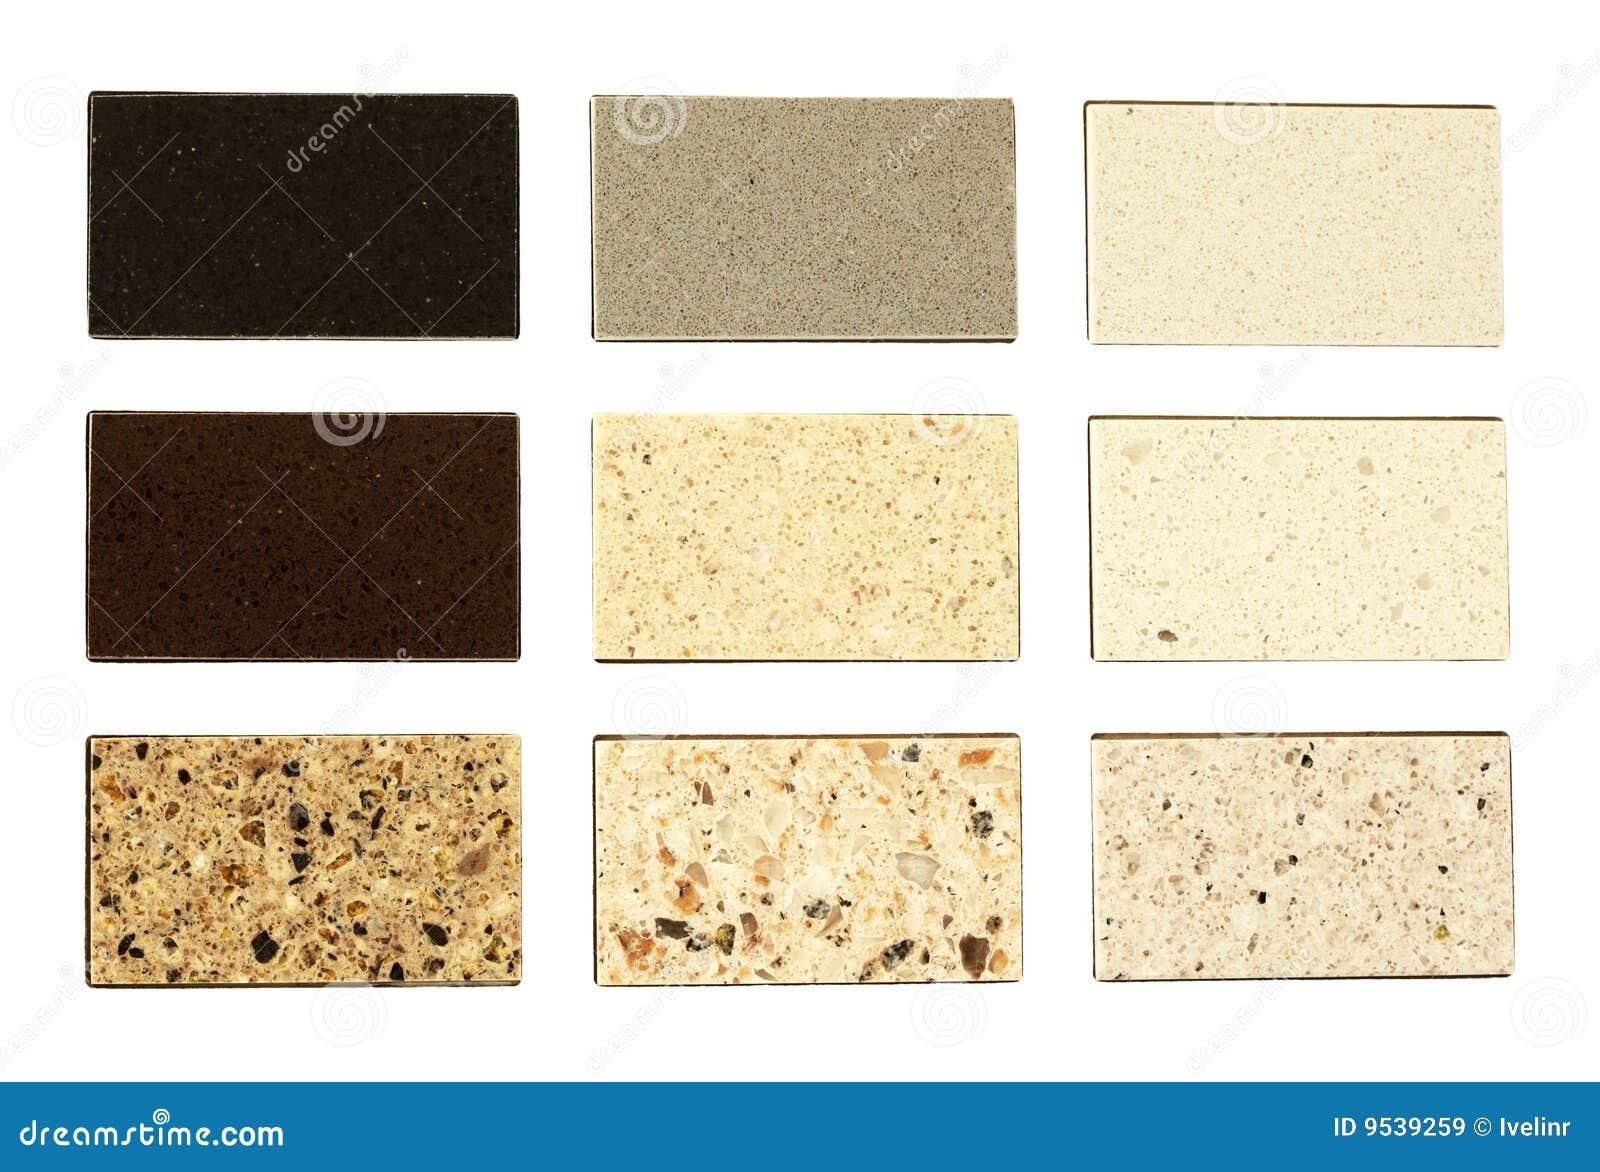 Muestras de piedra para las encimeras de la cocina imagen for Piedra granito para cocina precios